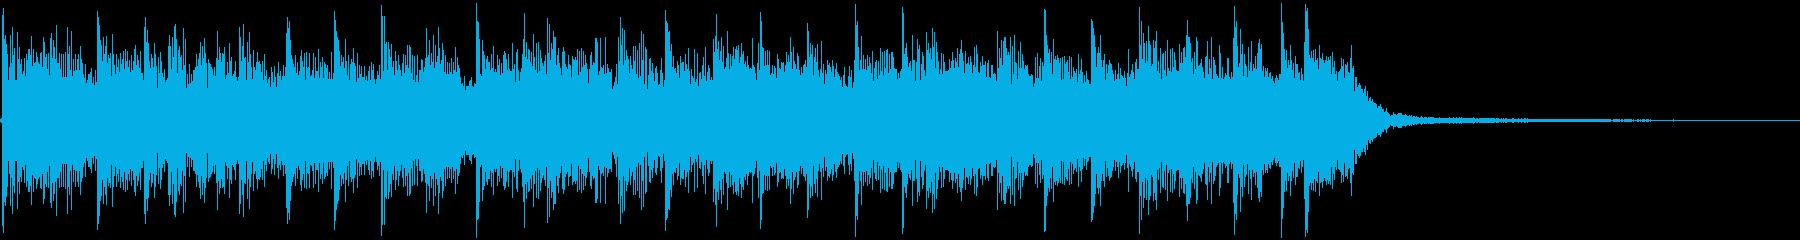 アイキャッチ/バトル/次回予告/決闘の再生済みの波形